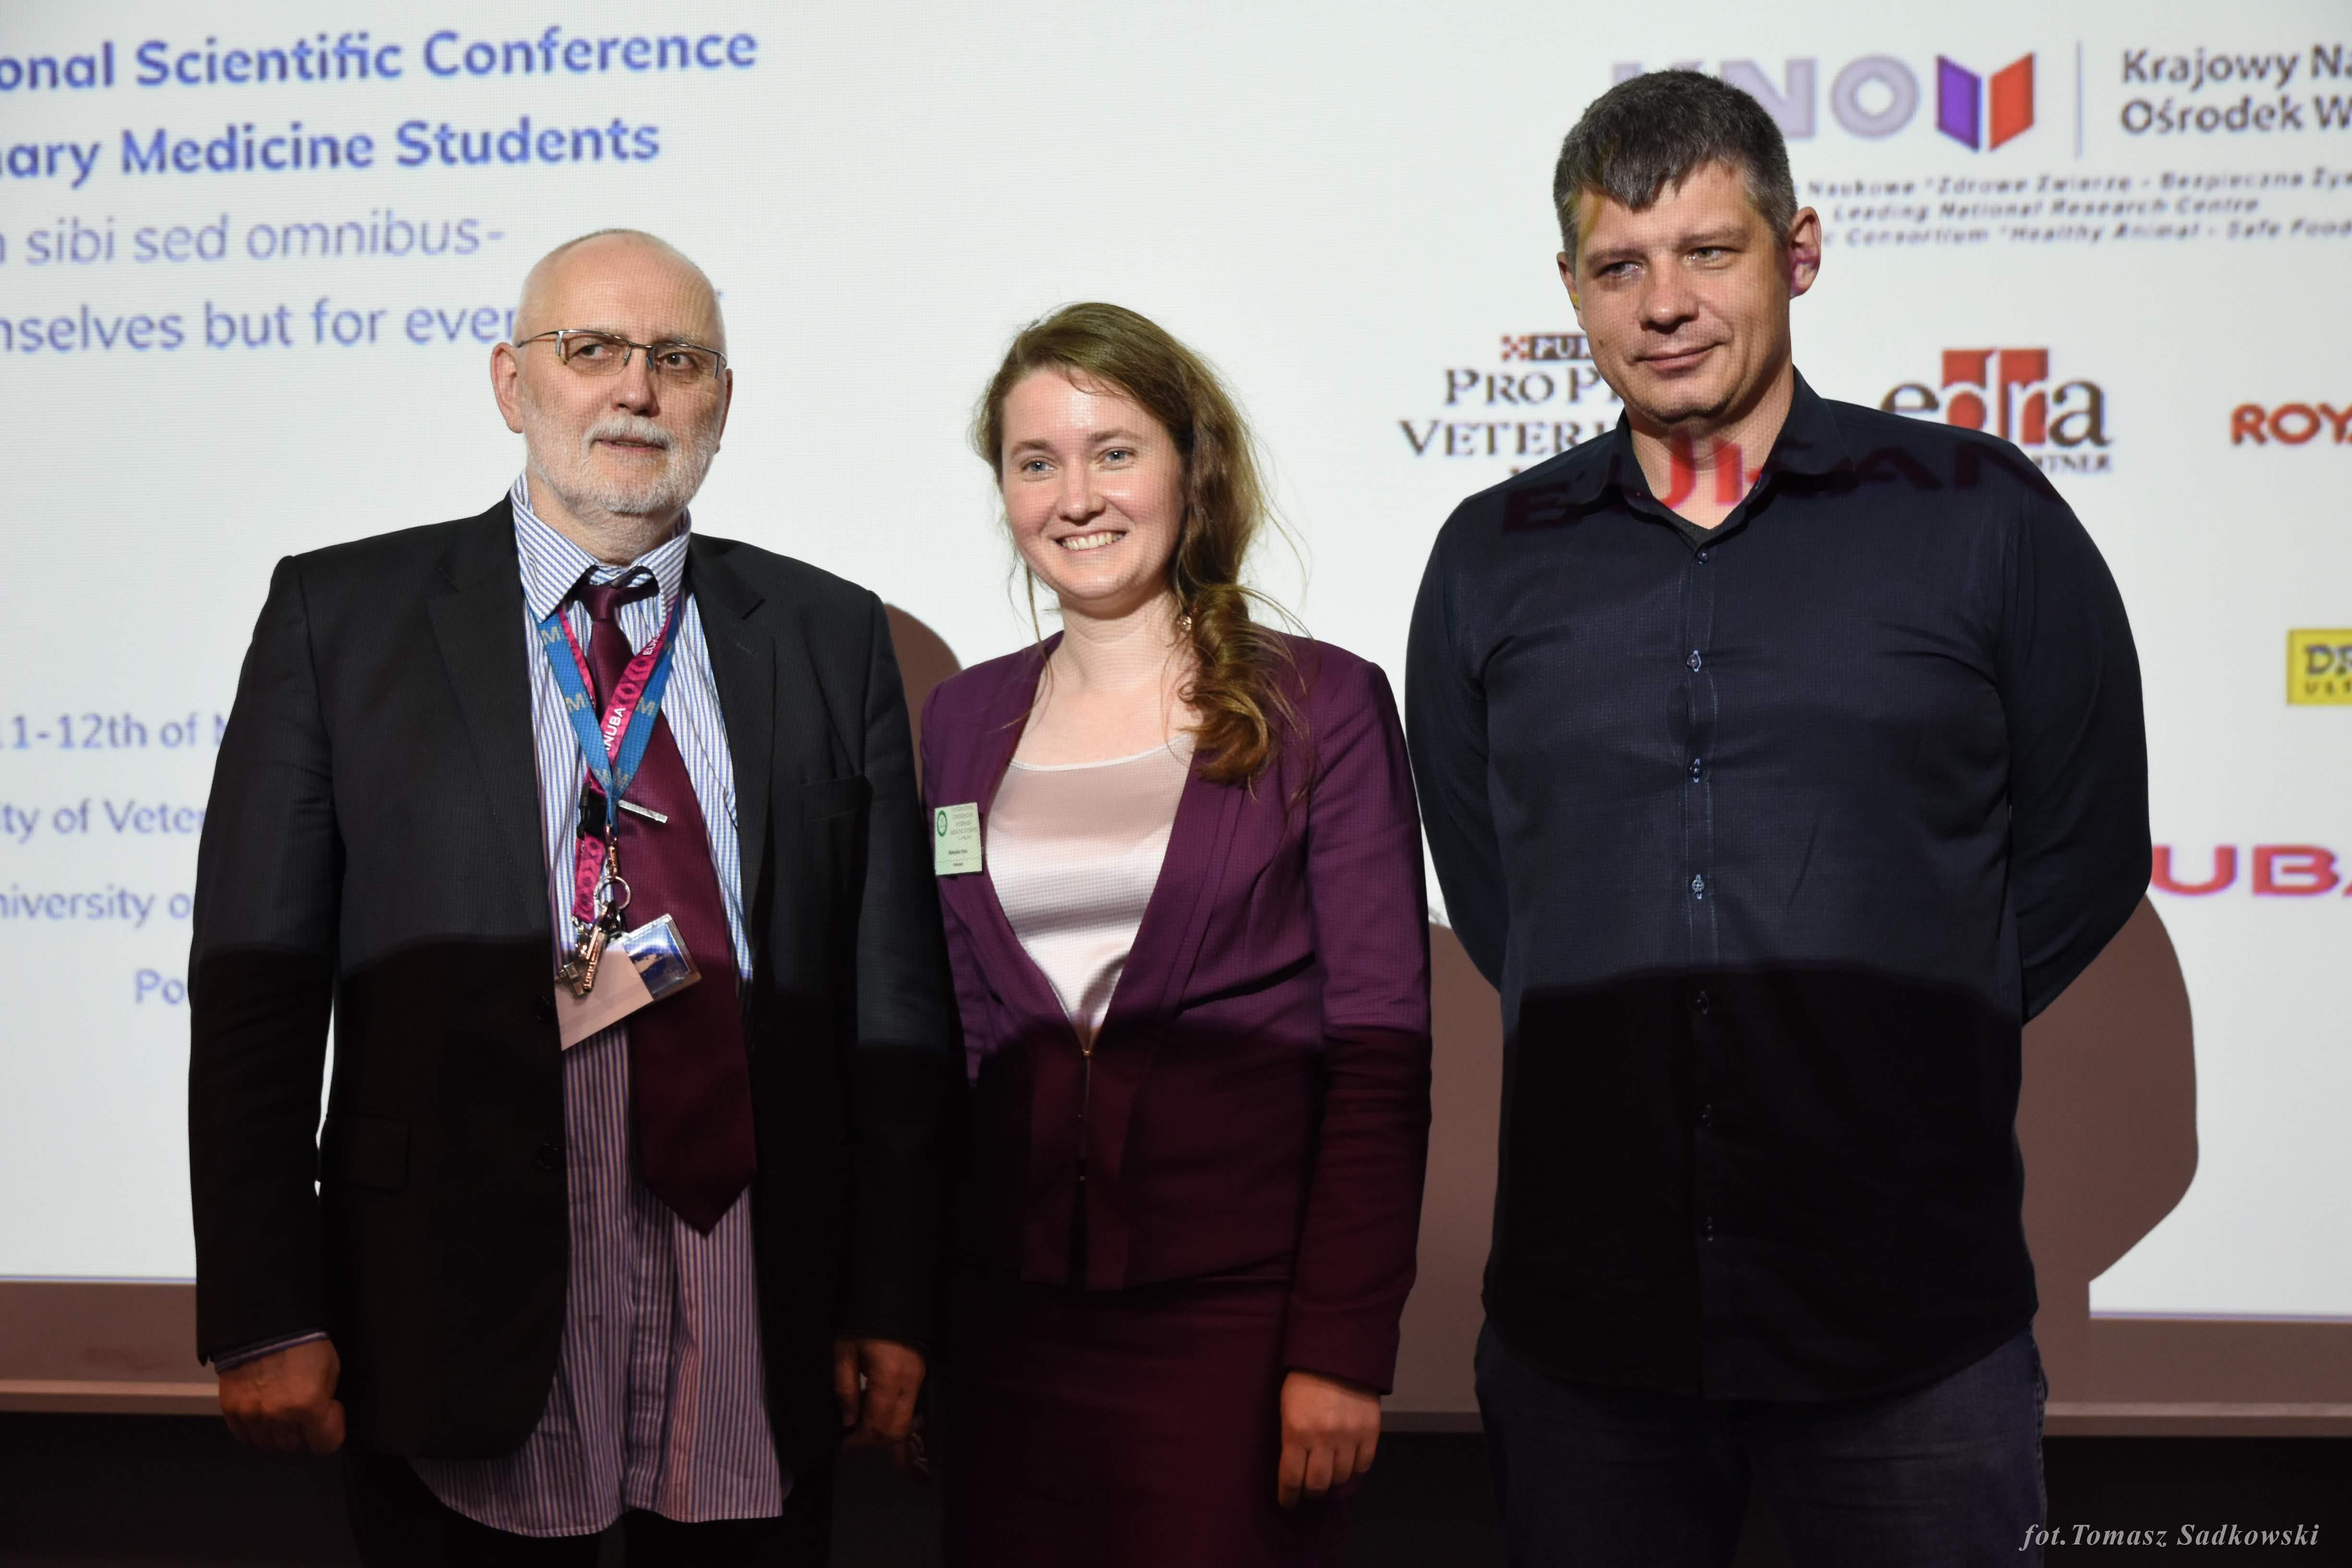 Iryna Makovska, prof. Orzechowski, dr hab Witkowski